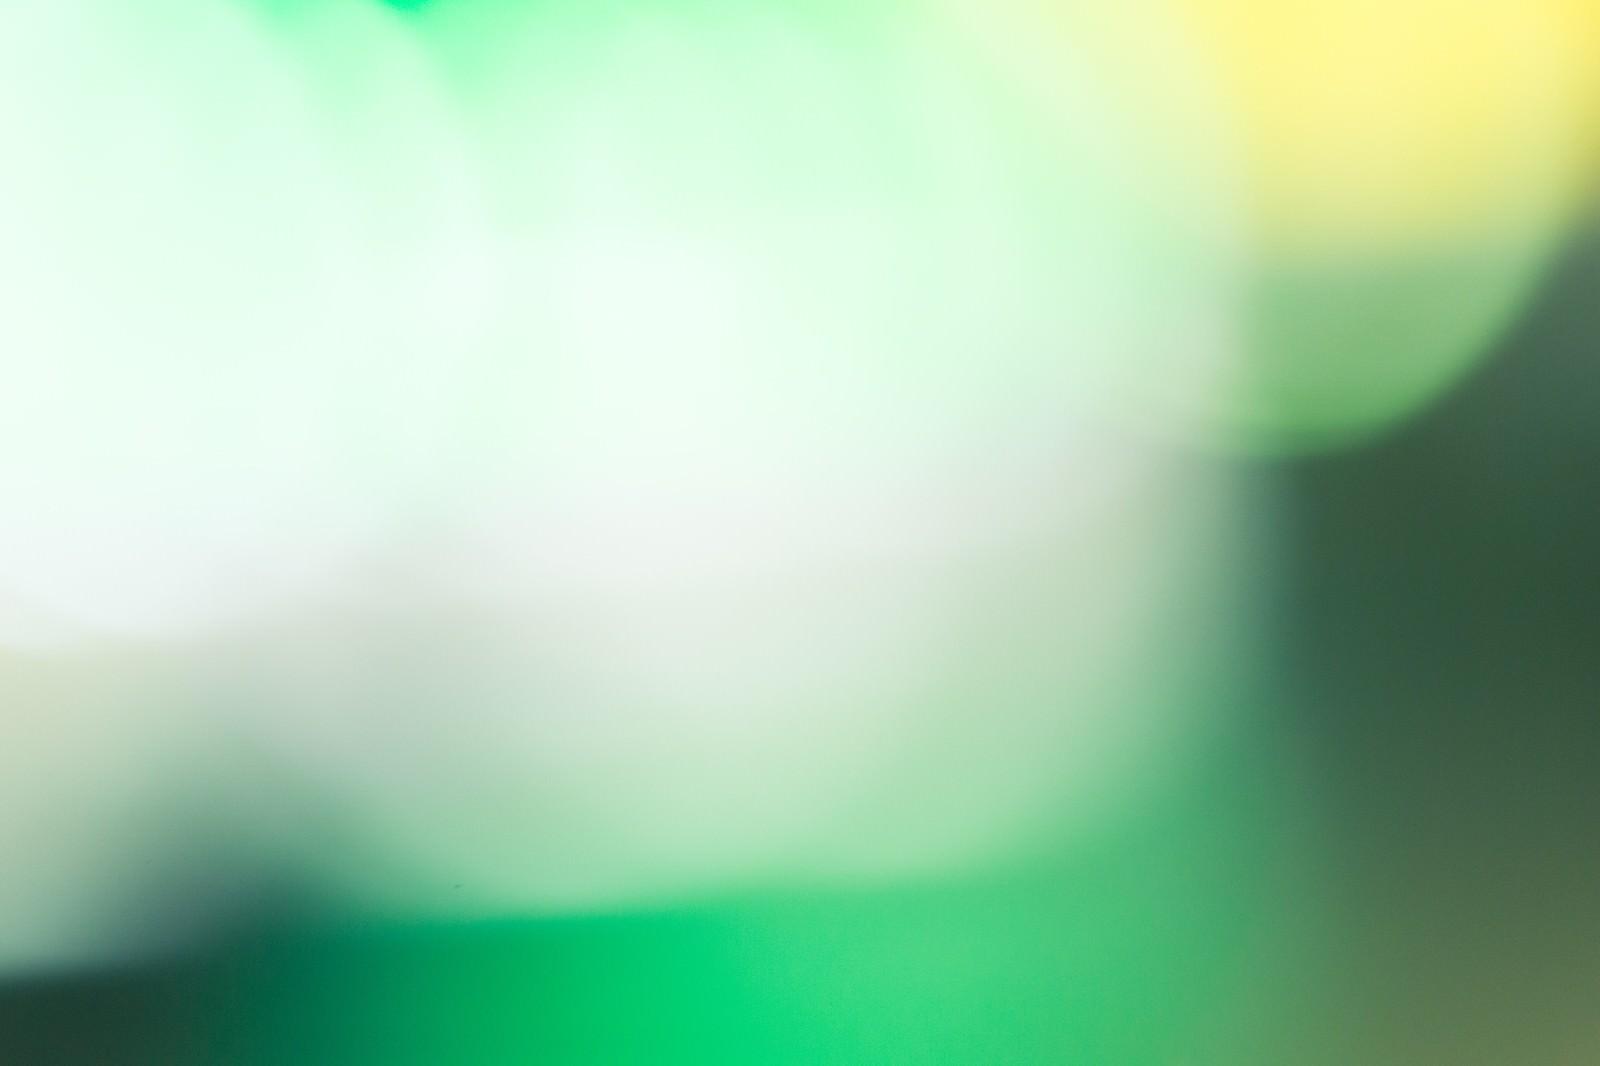 「緑色のボケた光」の写真